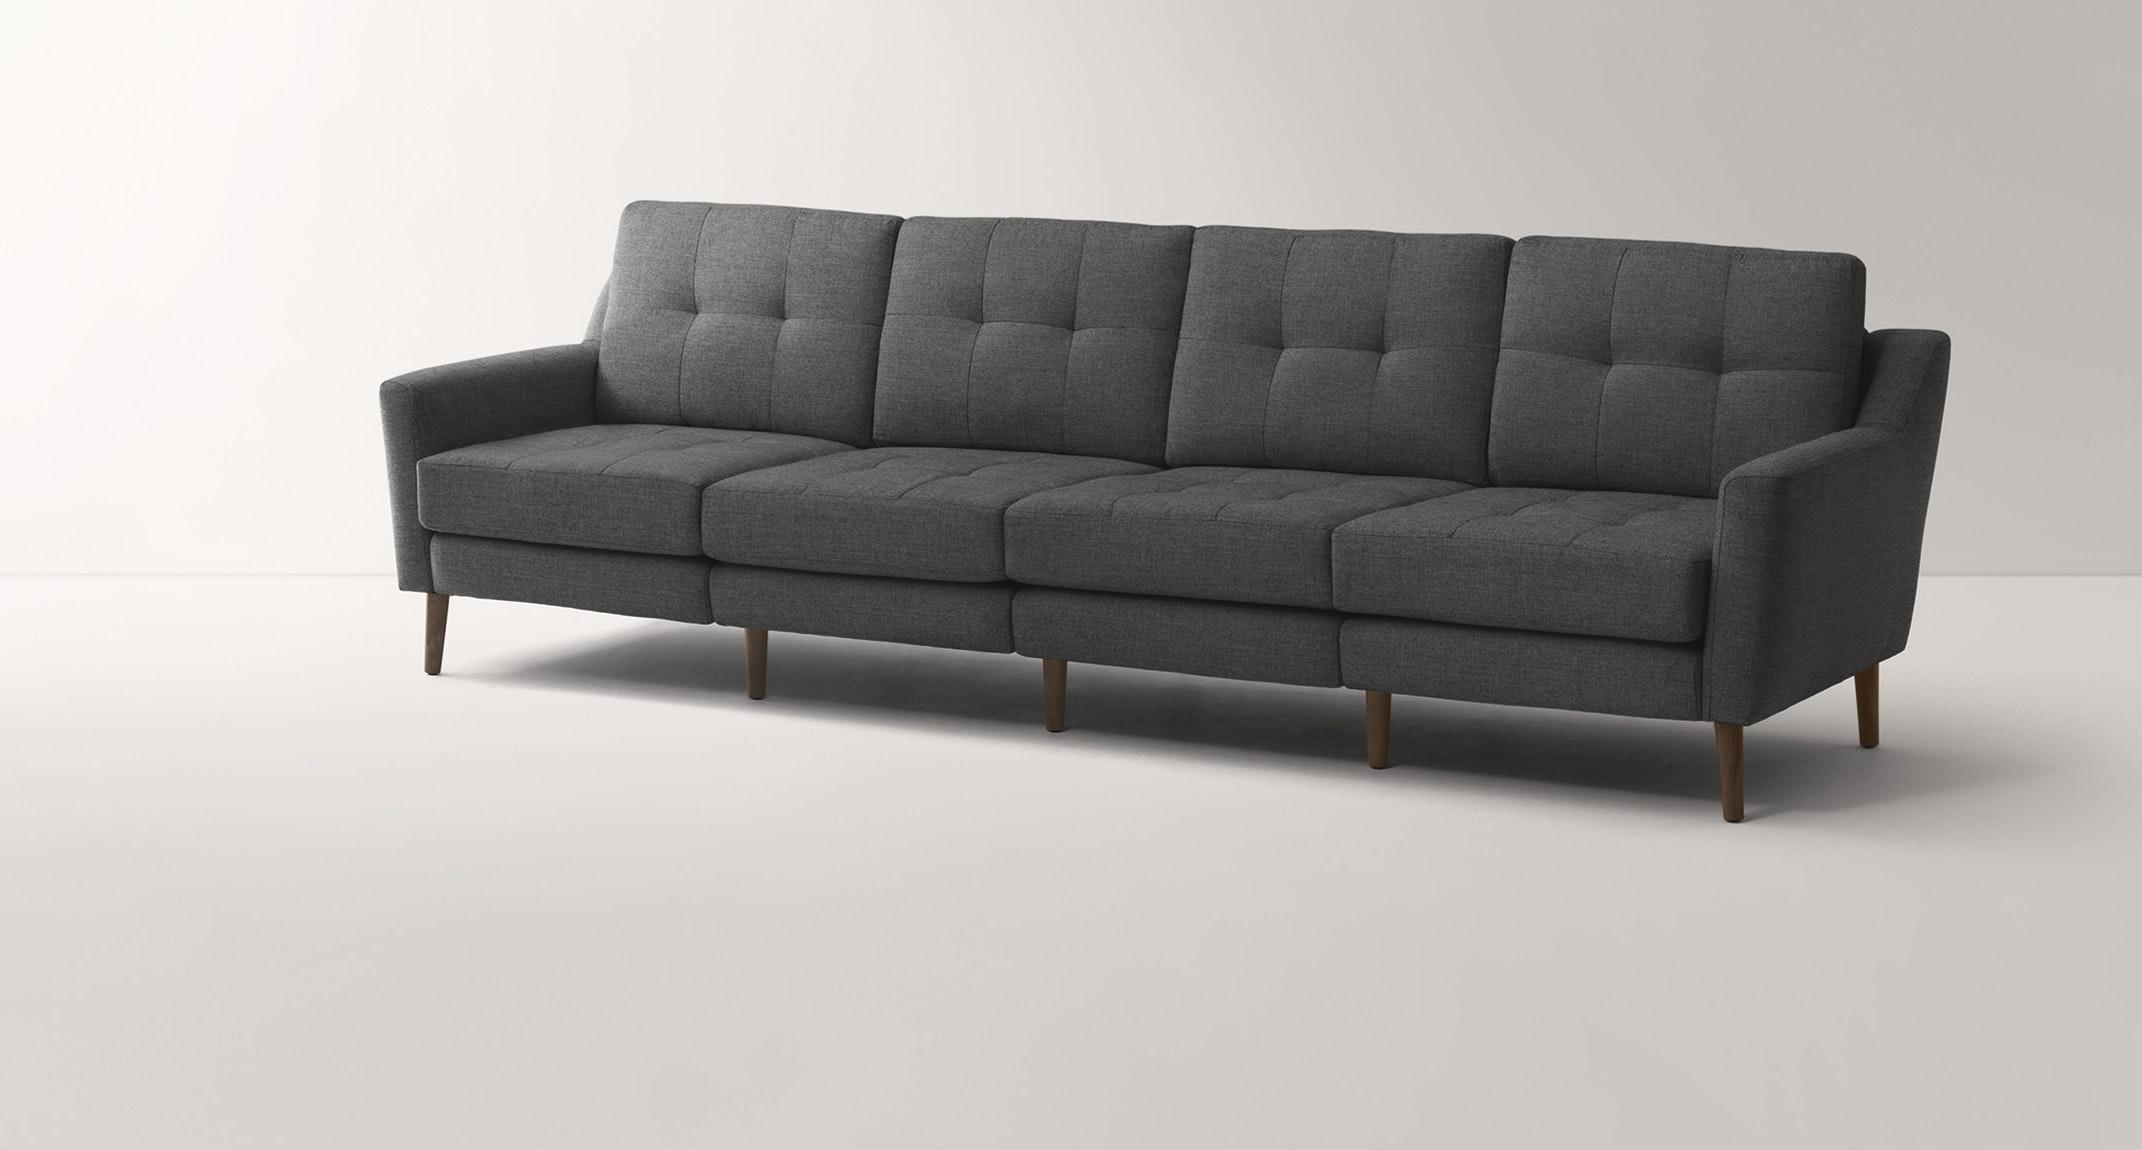 Burrow Charcoal King Sofa